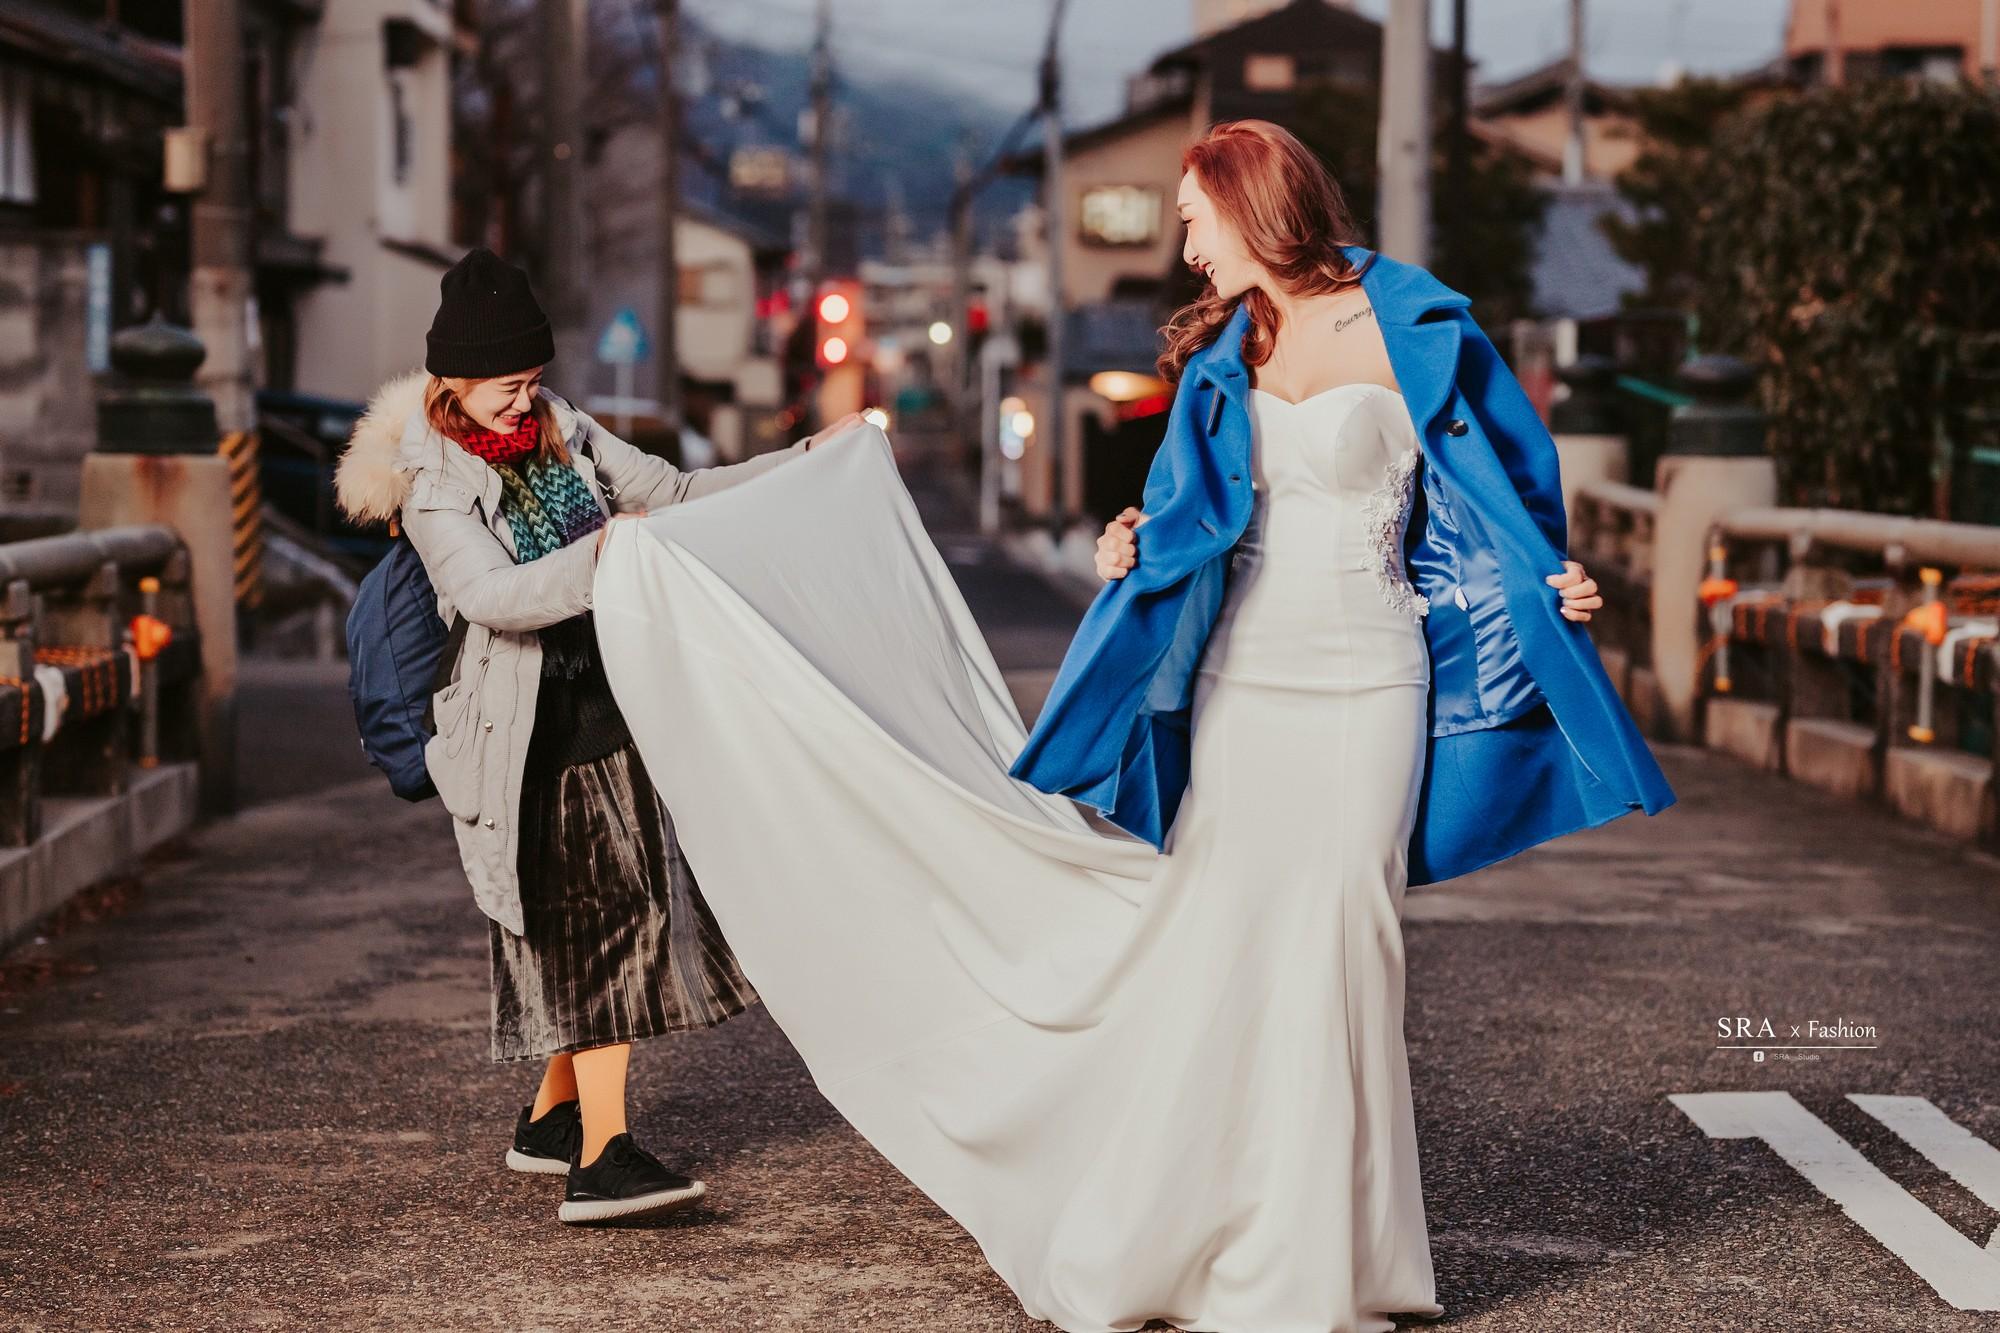 婚禮攝影師,新娘秘書,婚紗外拍,婚紗攝影師,婚紗禮服推薦,手工婚紗,婚紗工作室,攝影工作室,造型師團隊